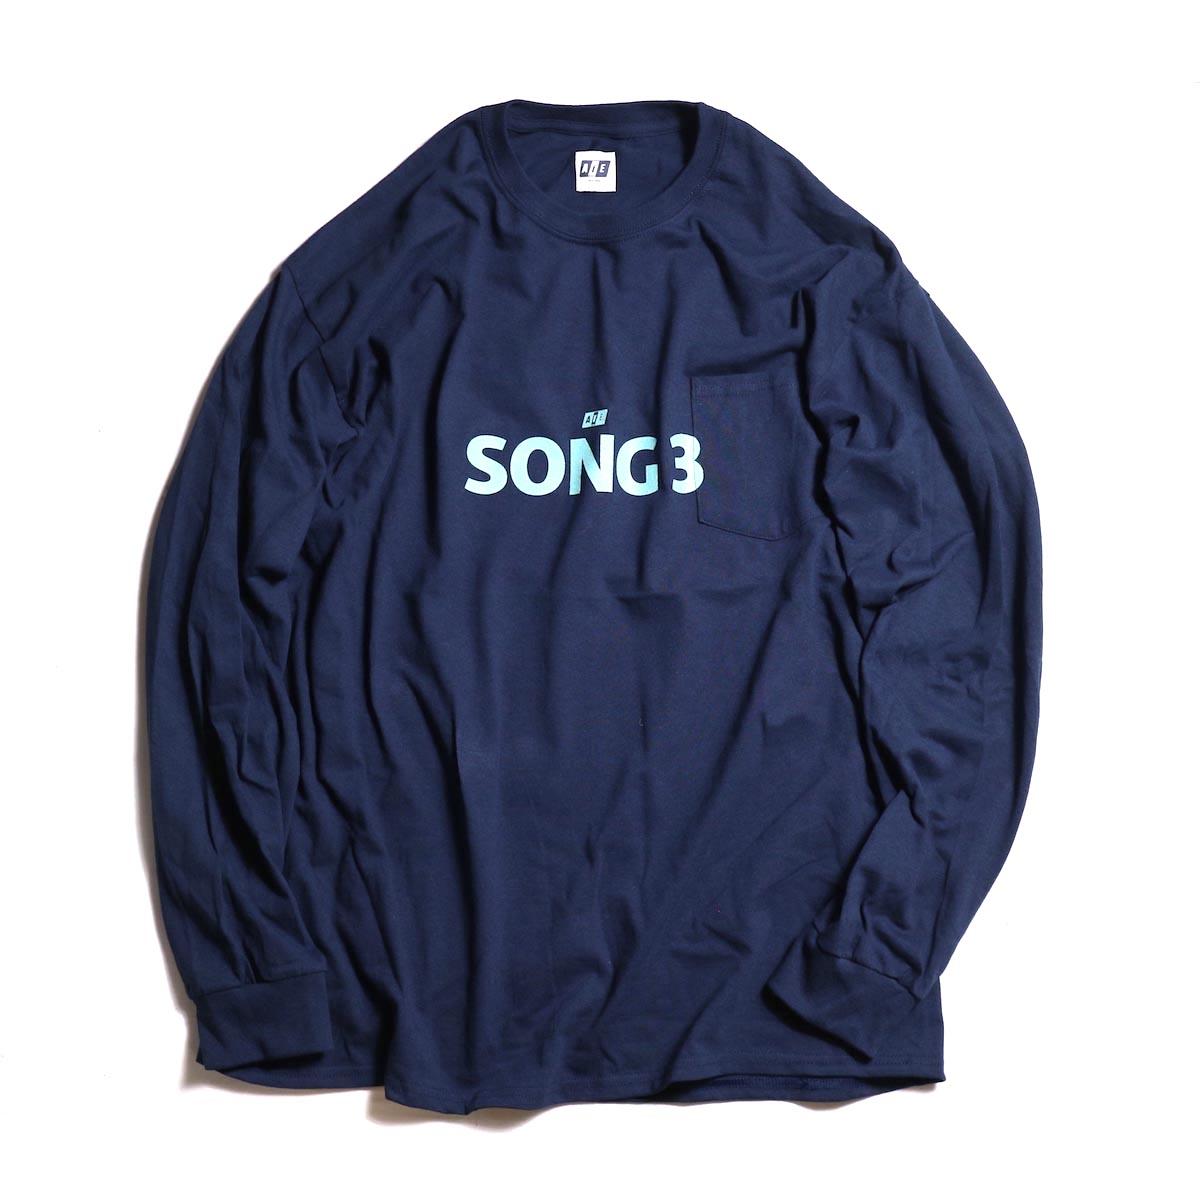 AiE / Big L/S Pocket T-shirt - Song3 -Navy